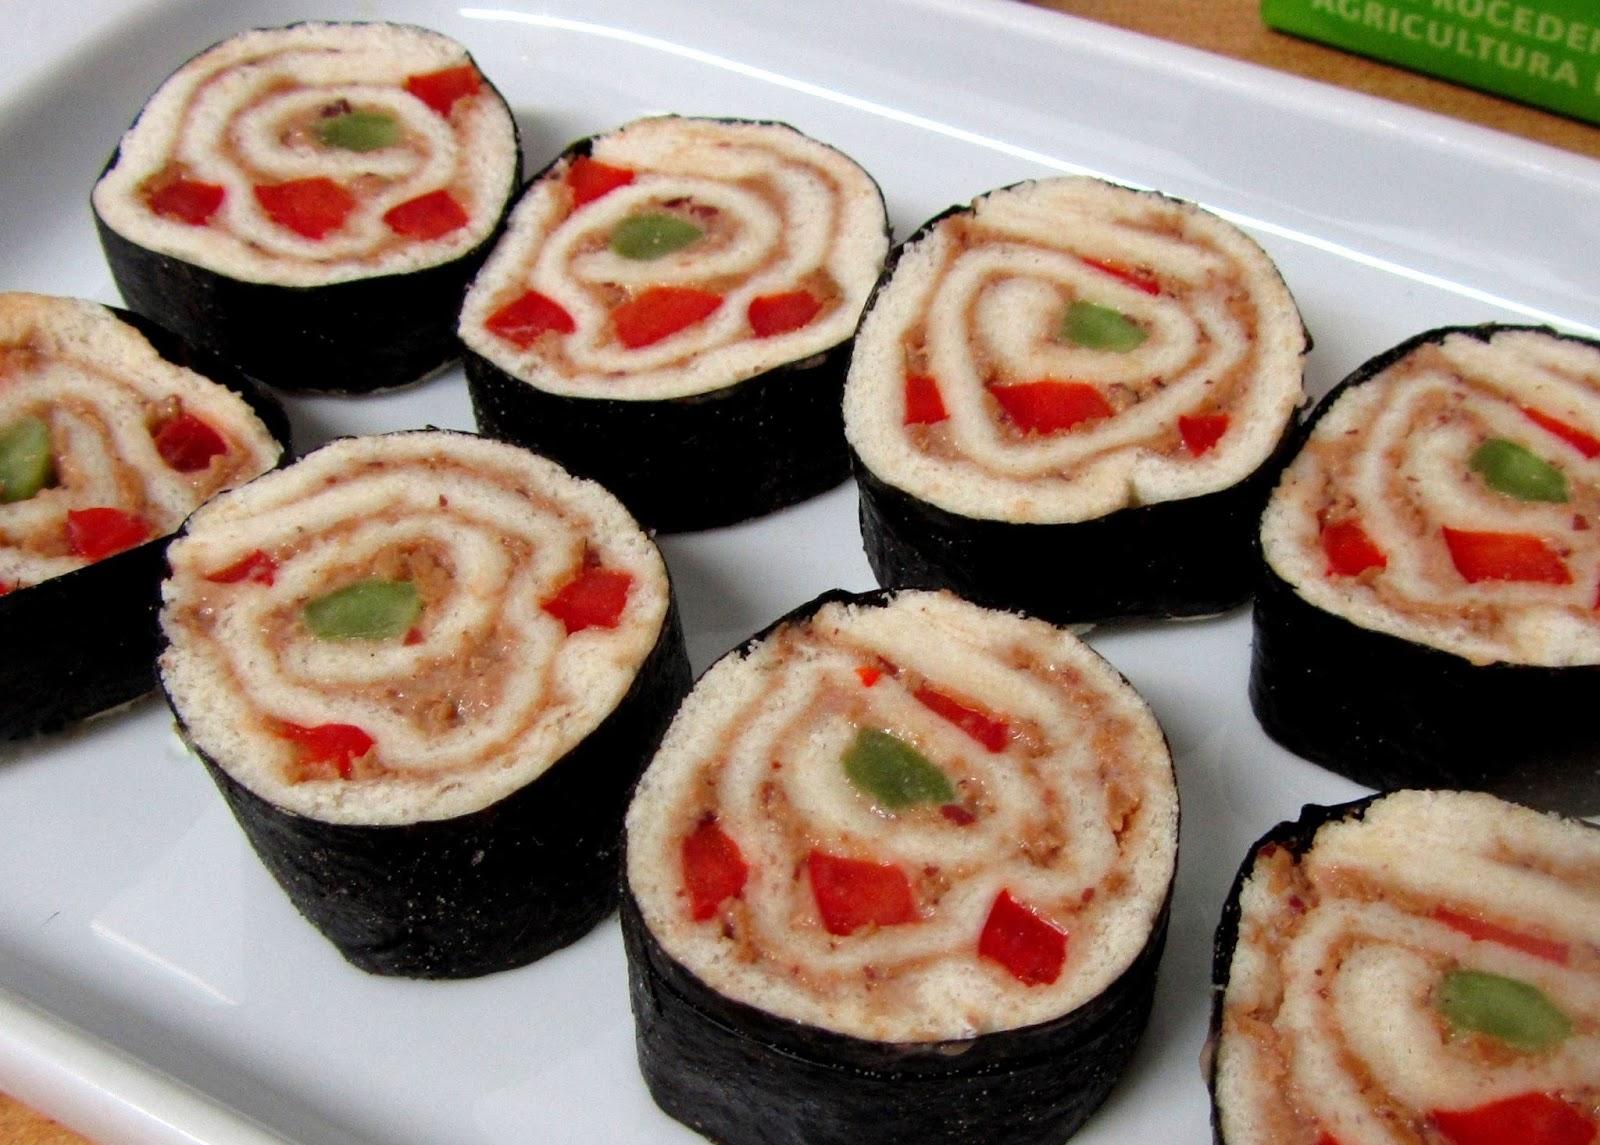 cocina con luz verde Facilsimo rollitos sushi de pan de molde